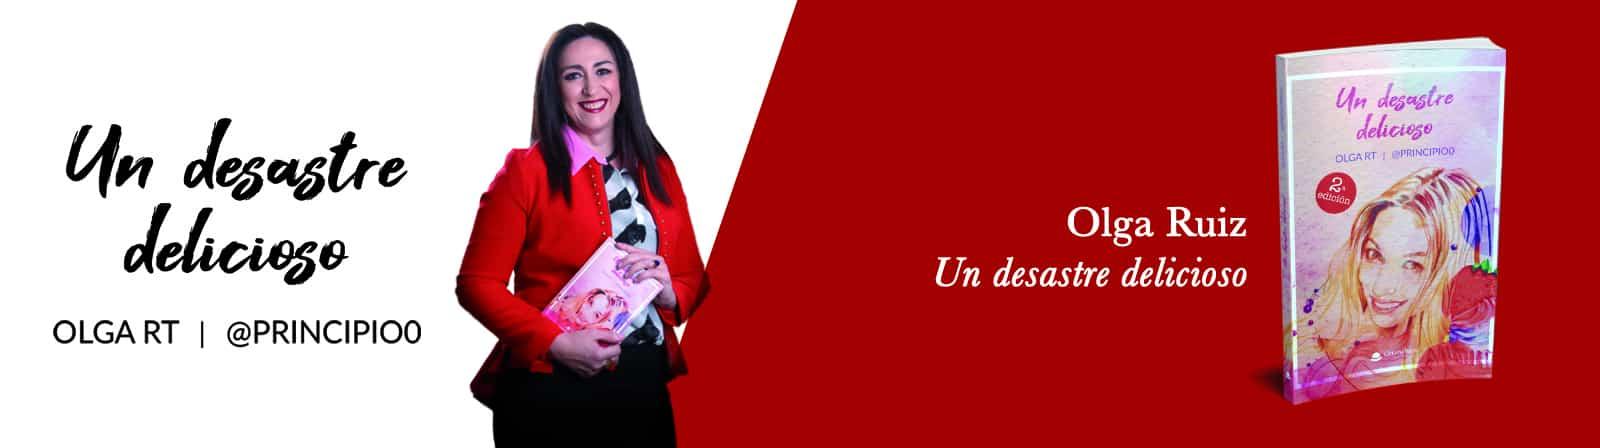 _Olga Ruiz- Un desastre delicioso